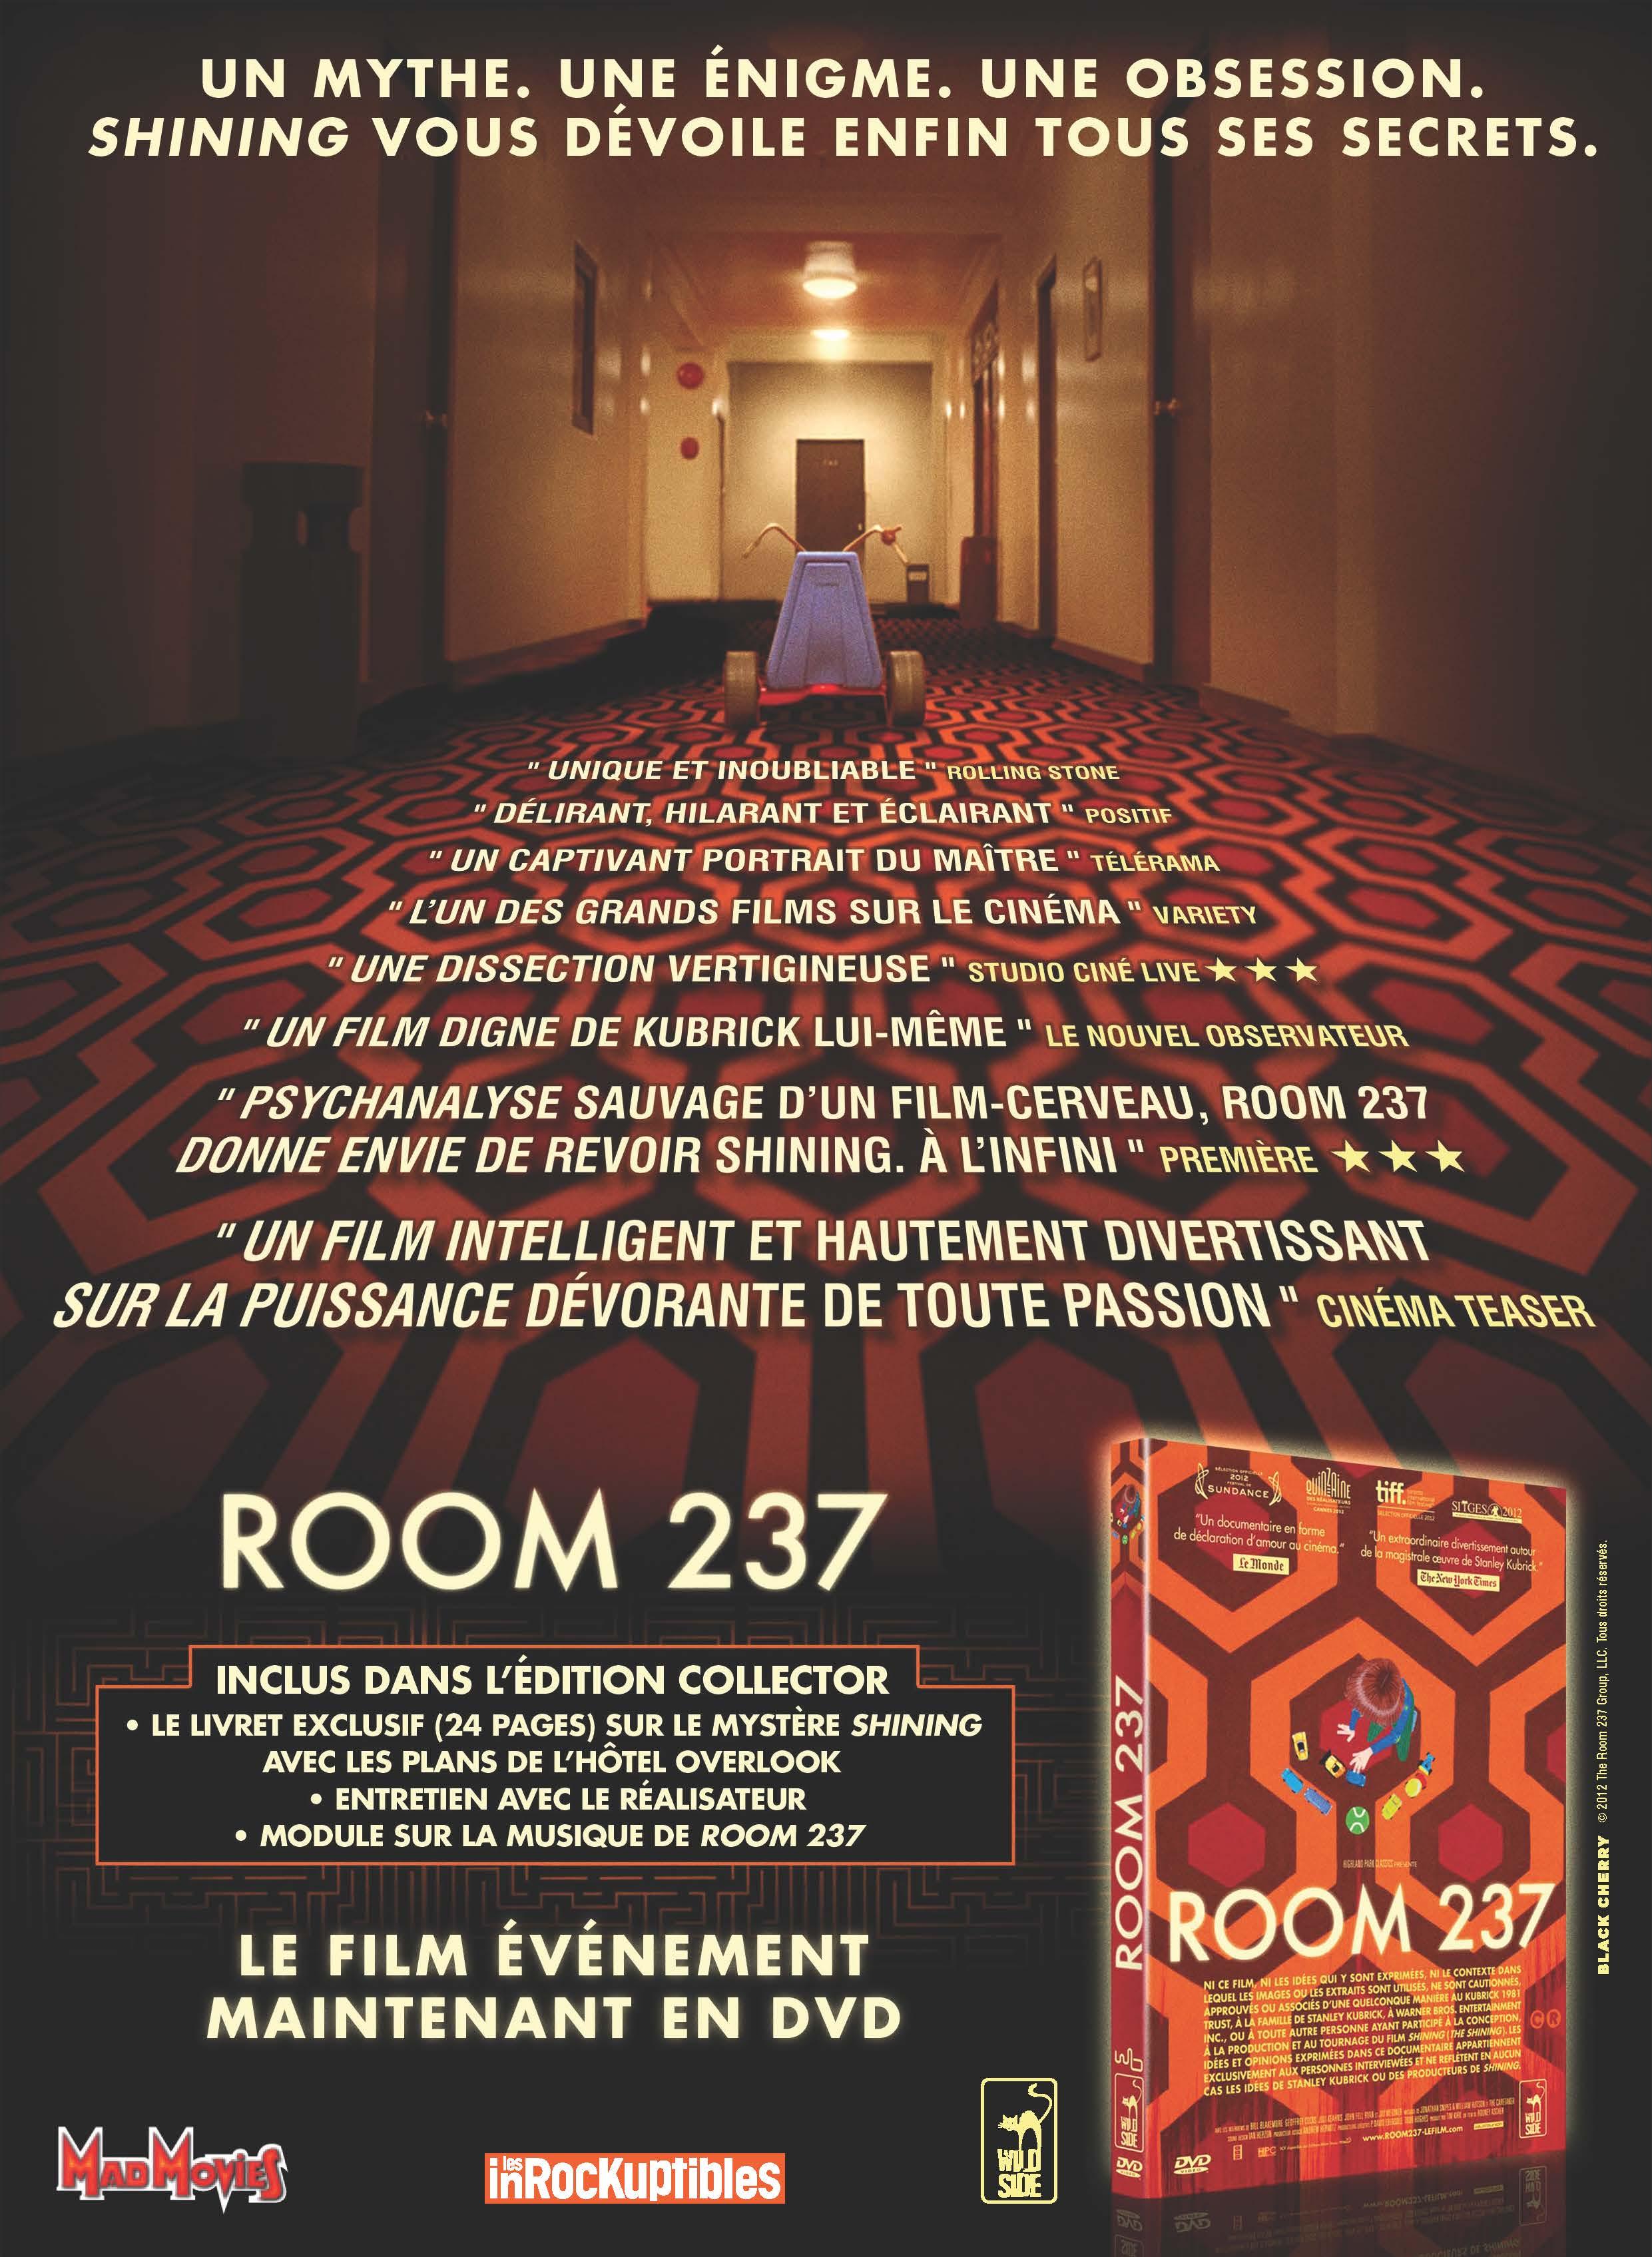 PUB ROOM 237 MAD MOVIES